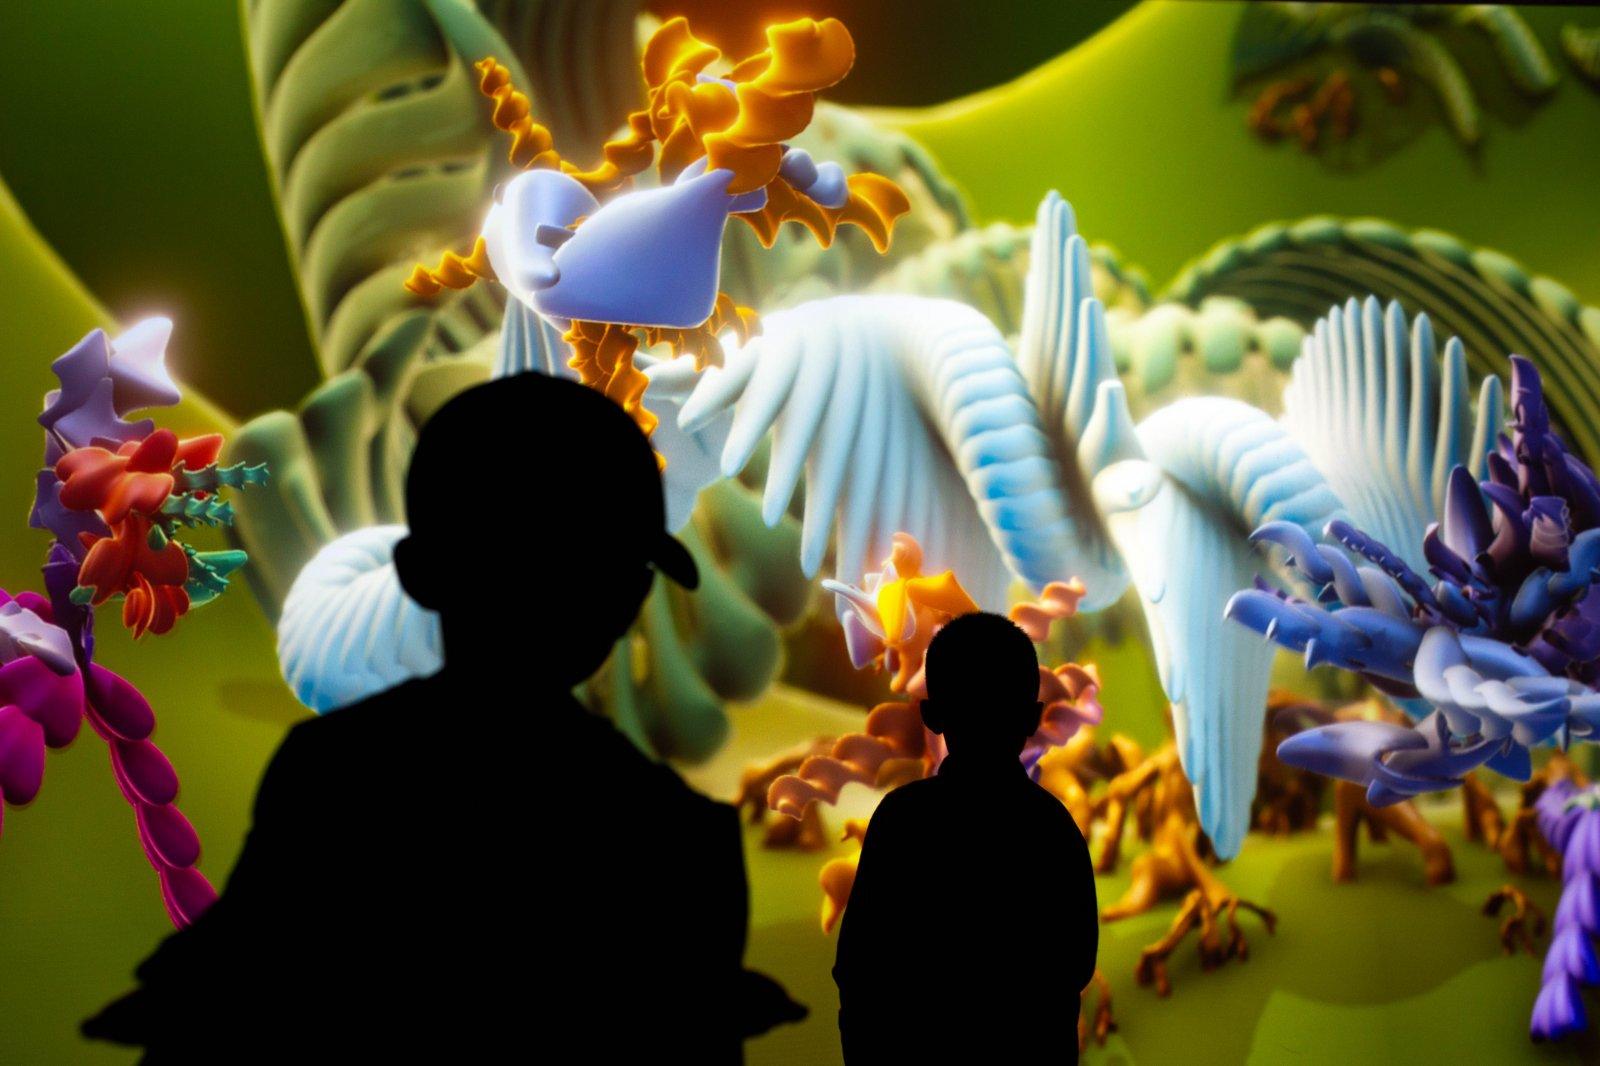 Interactive Art - Marpi Studio